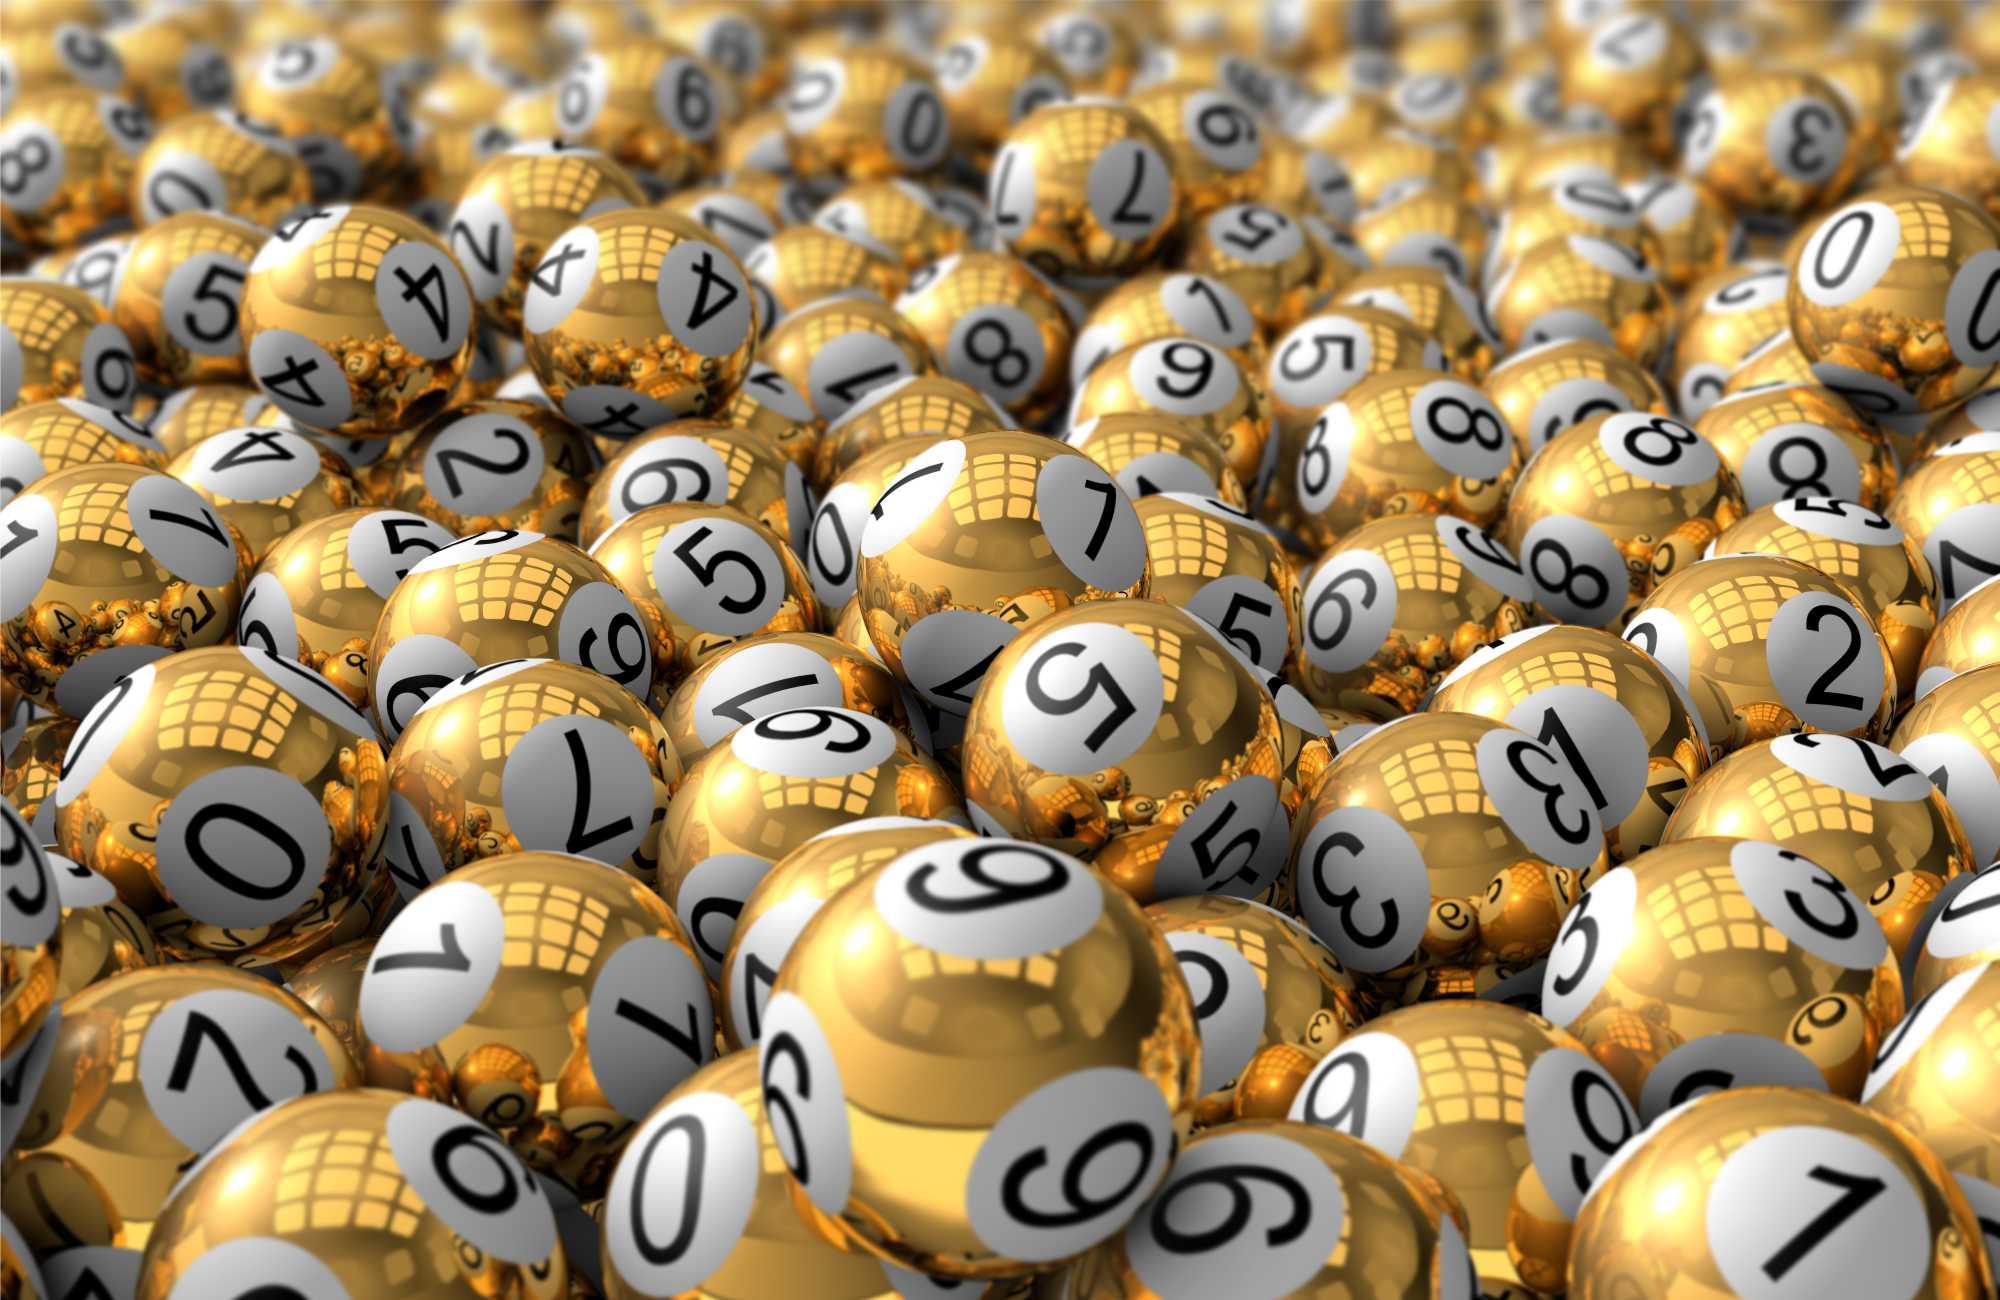 premium-13-1300-1800-numbers-buy-13-1300-1800-number-hero-110418.jpg